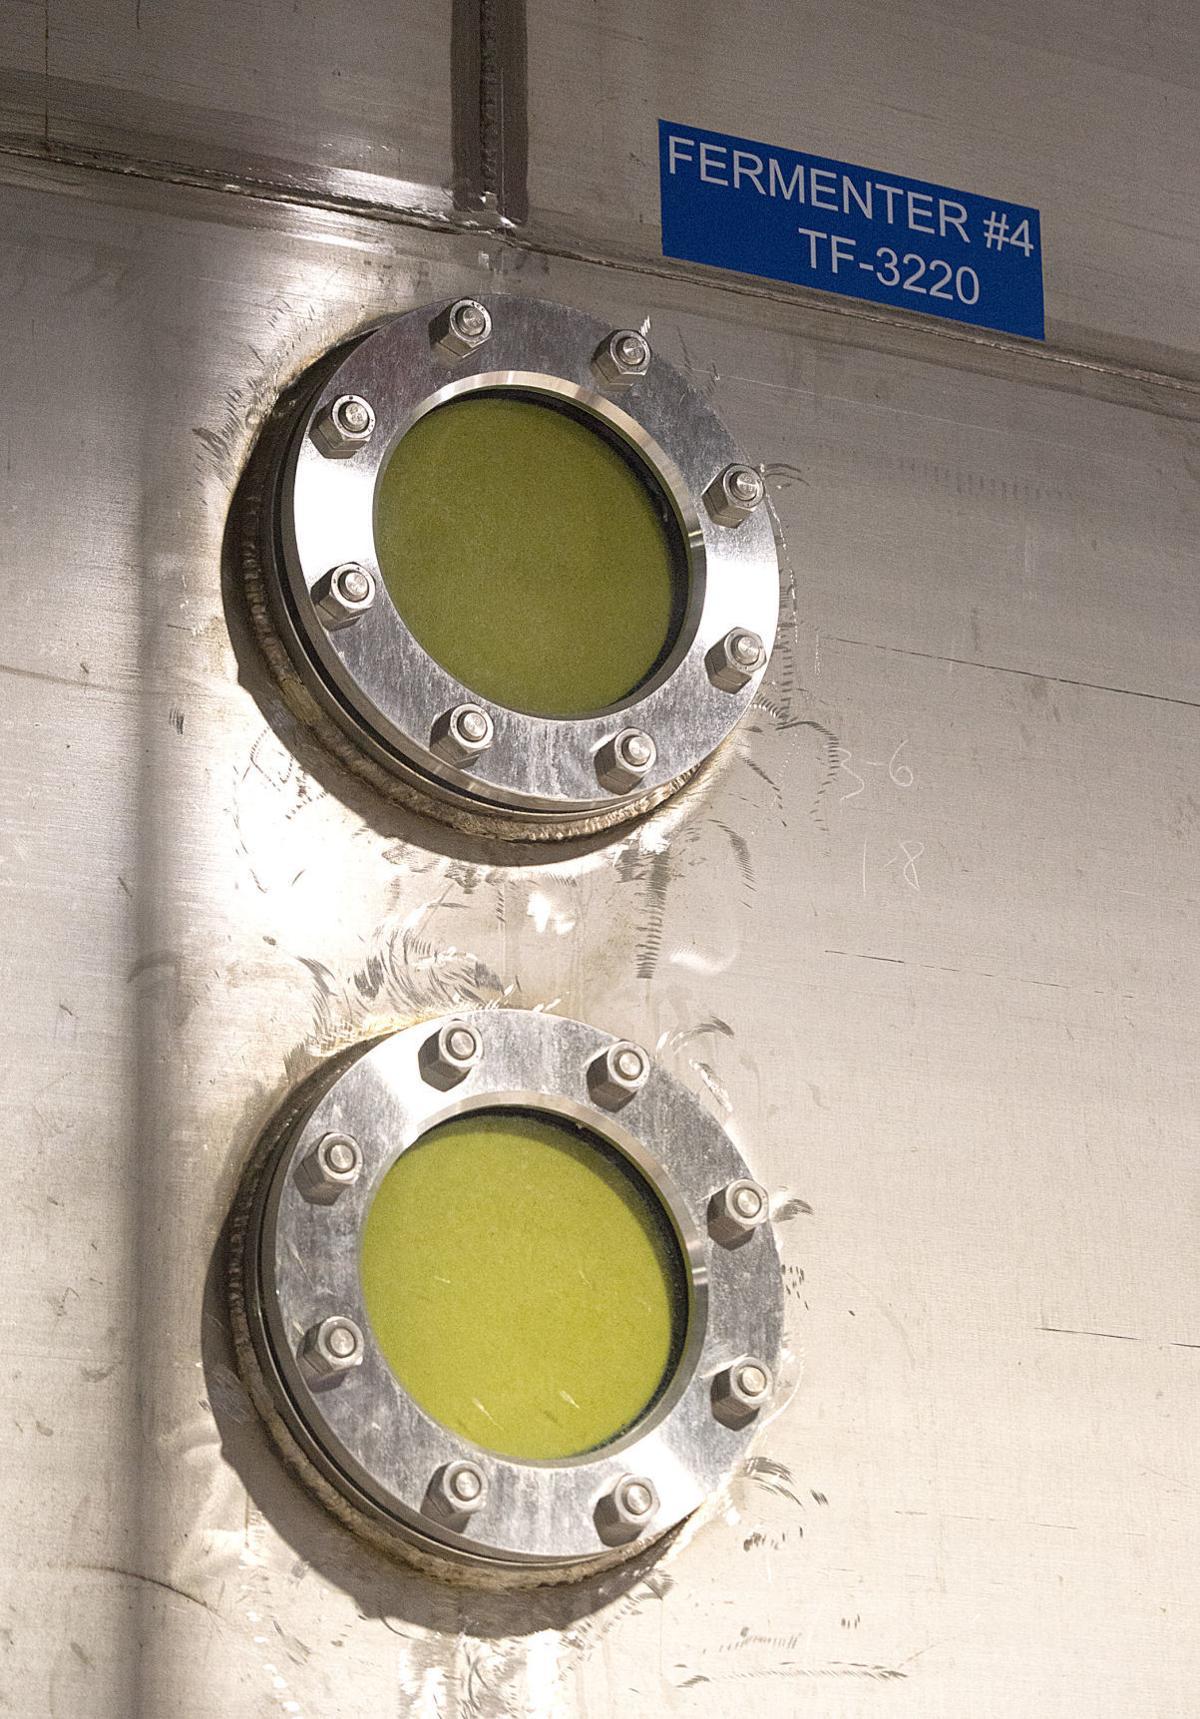 2017 Progress Siouxland Ethanol